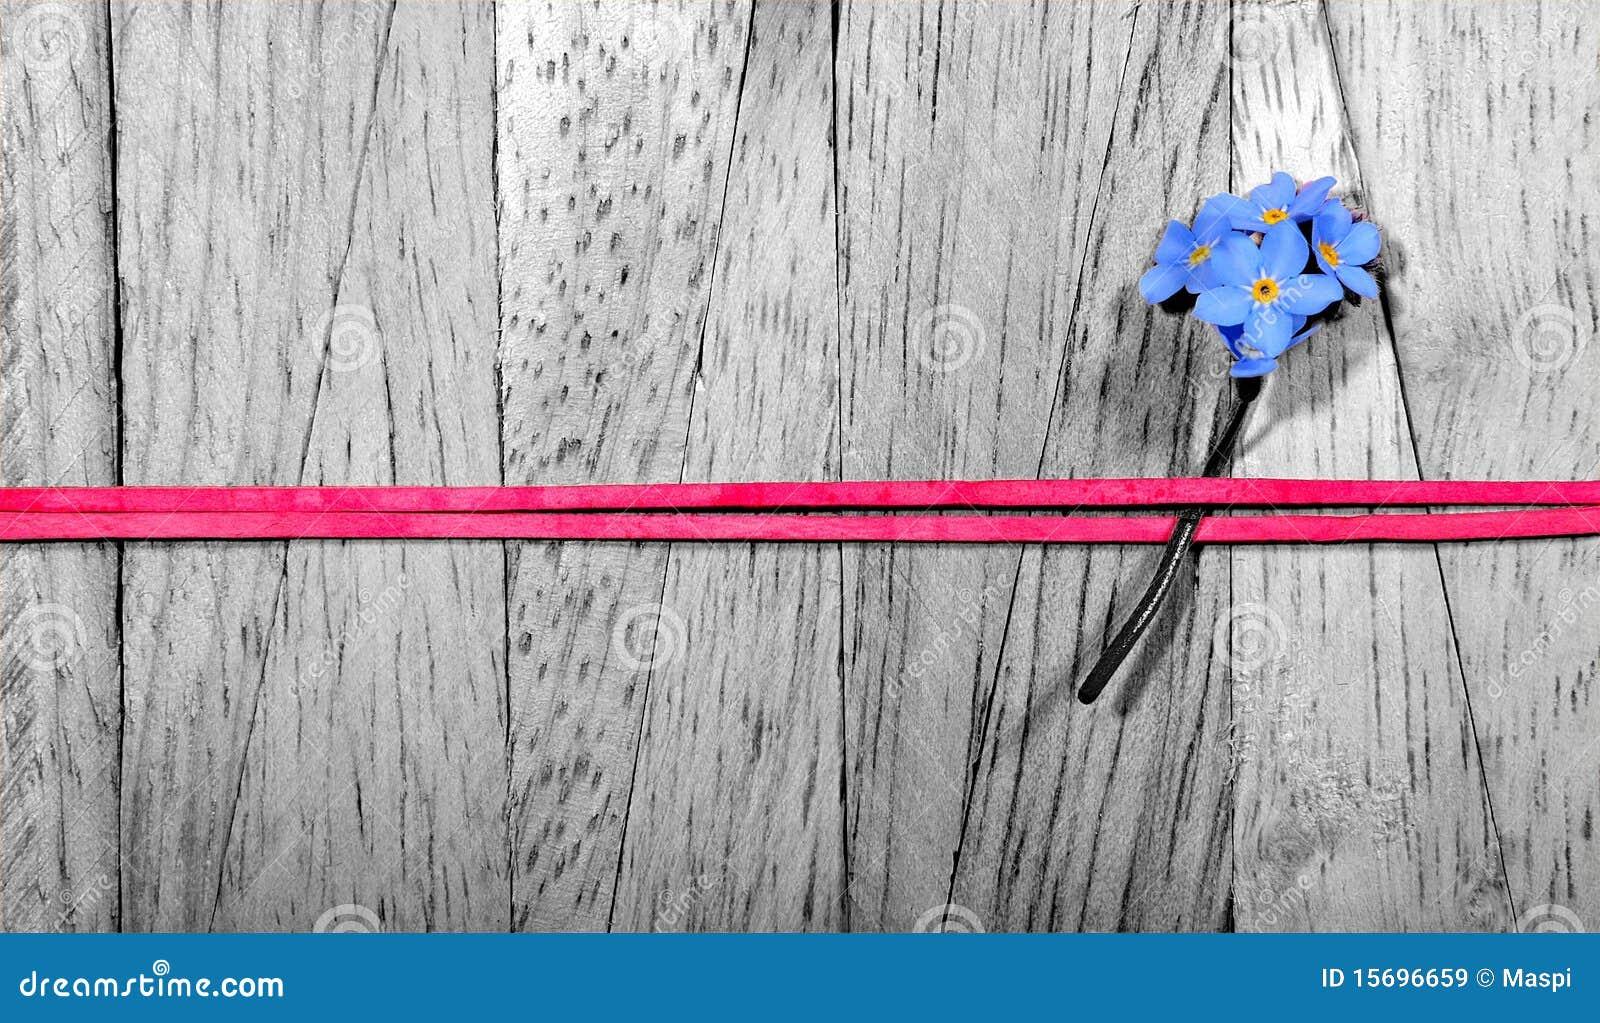 Agencement floral d a